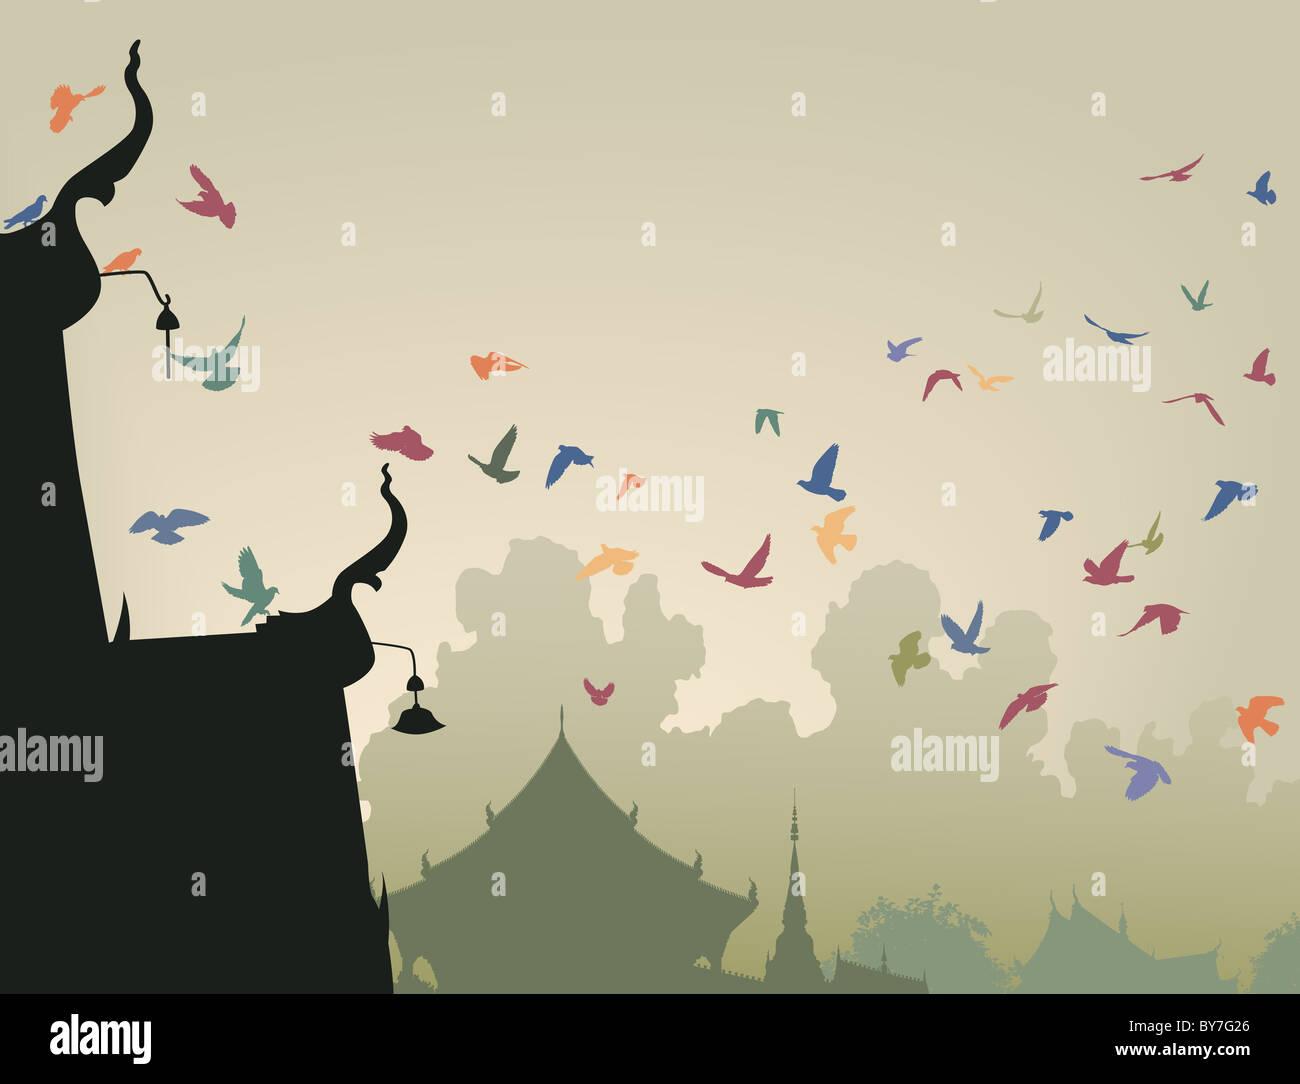 Ilustración de coloridas palomas volando a un templo budista techo Foto de stock